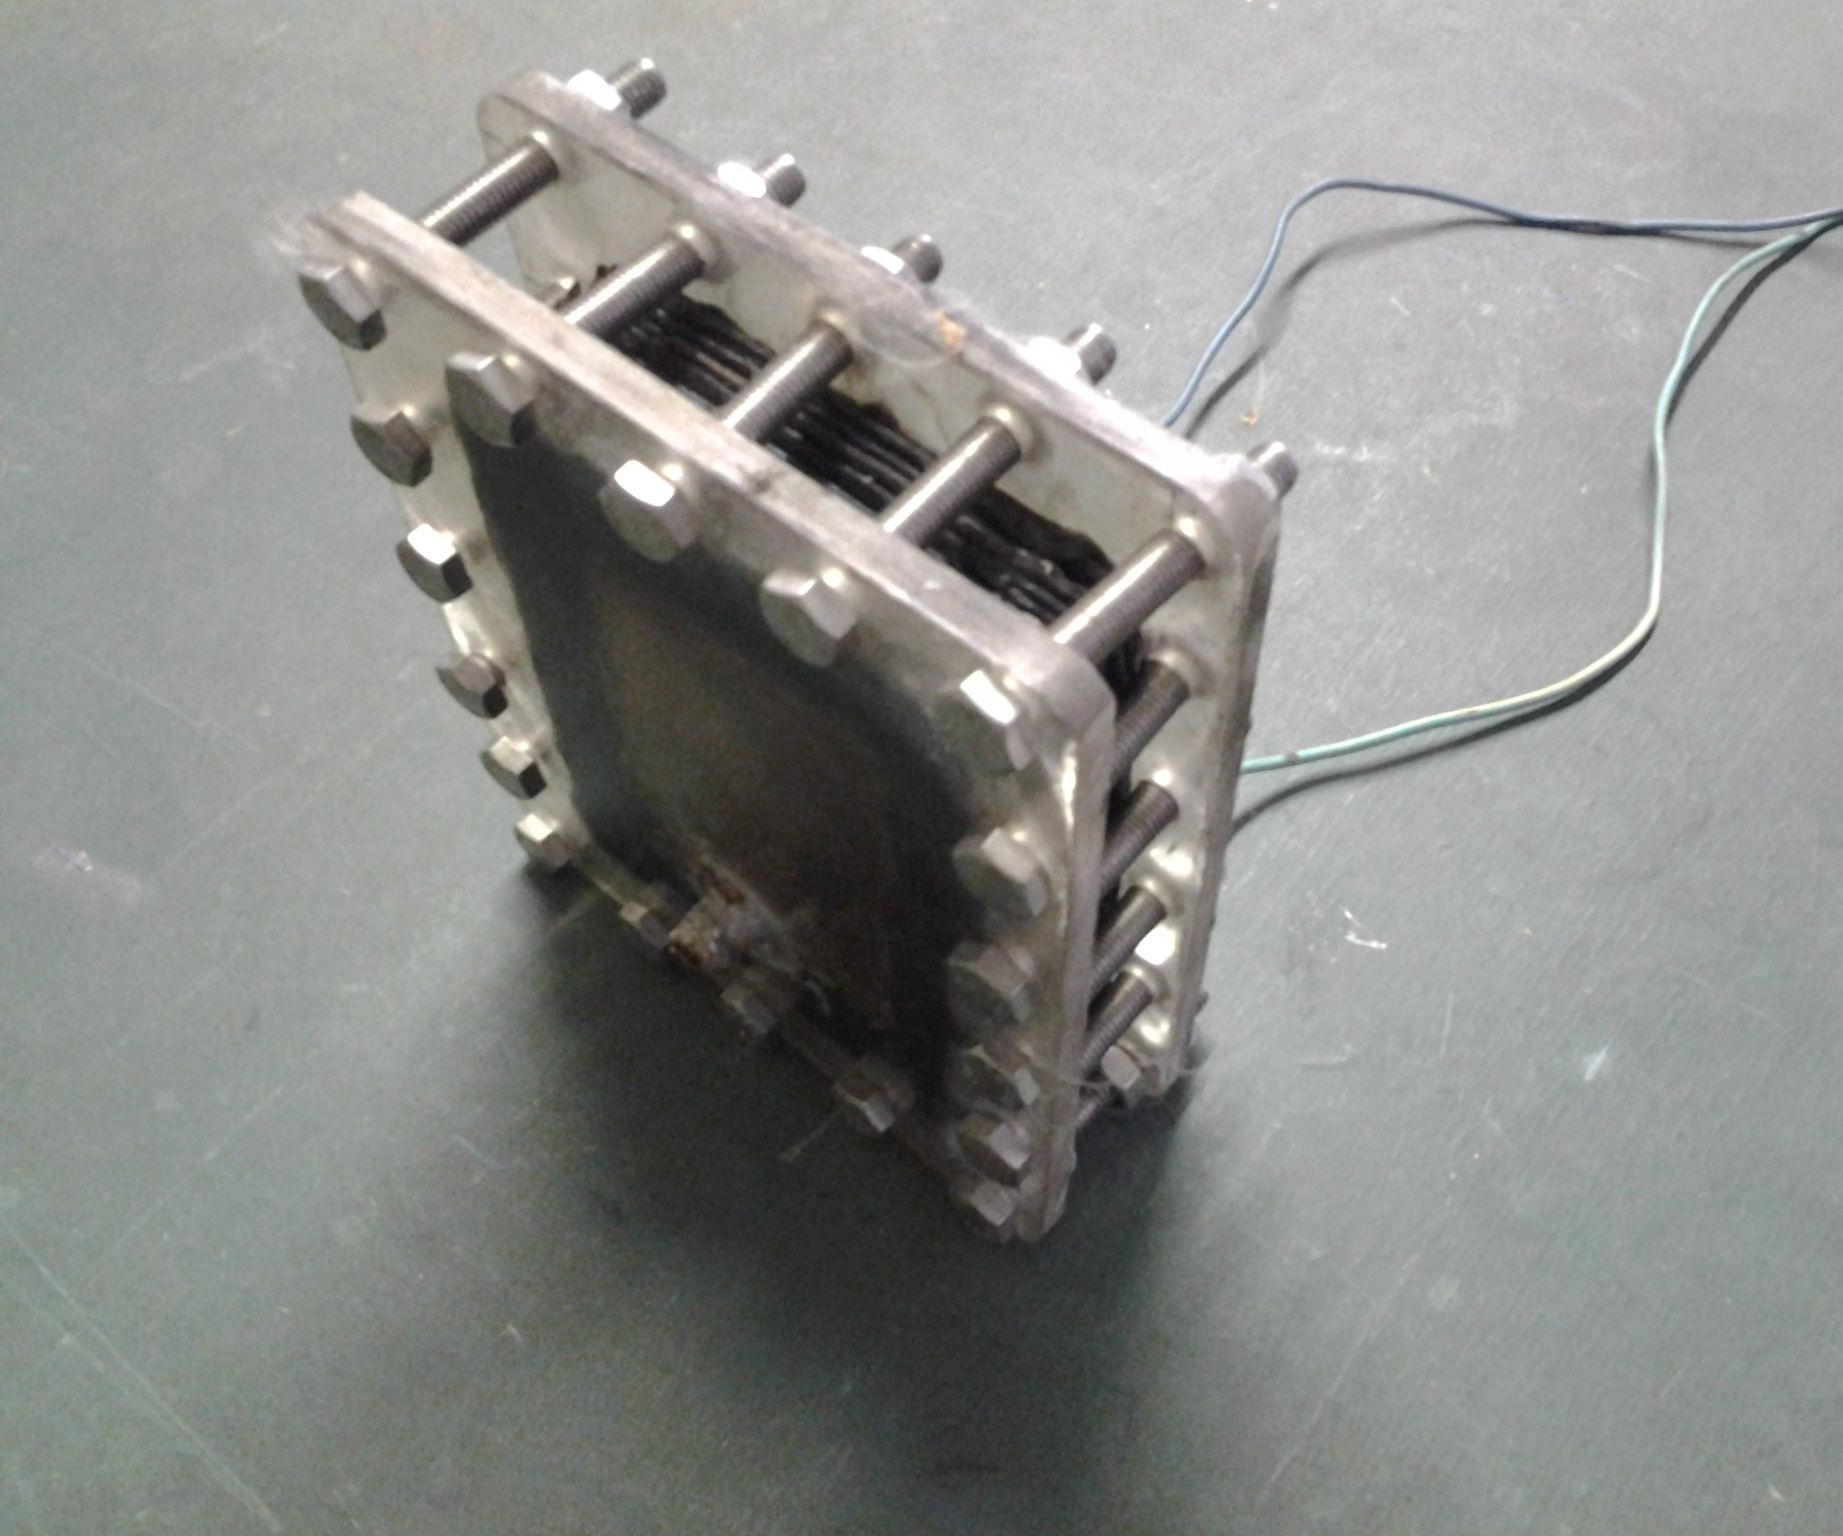 The free energy prototype